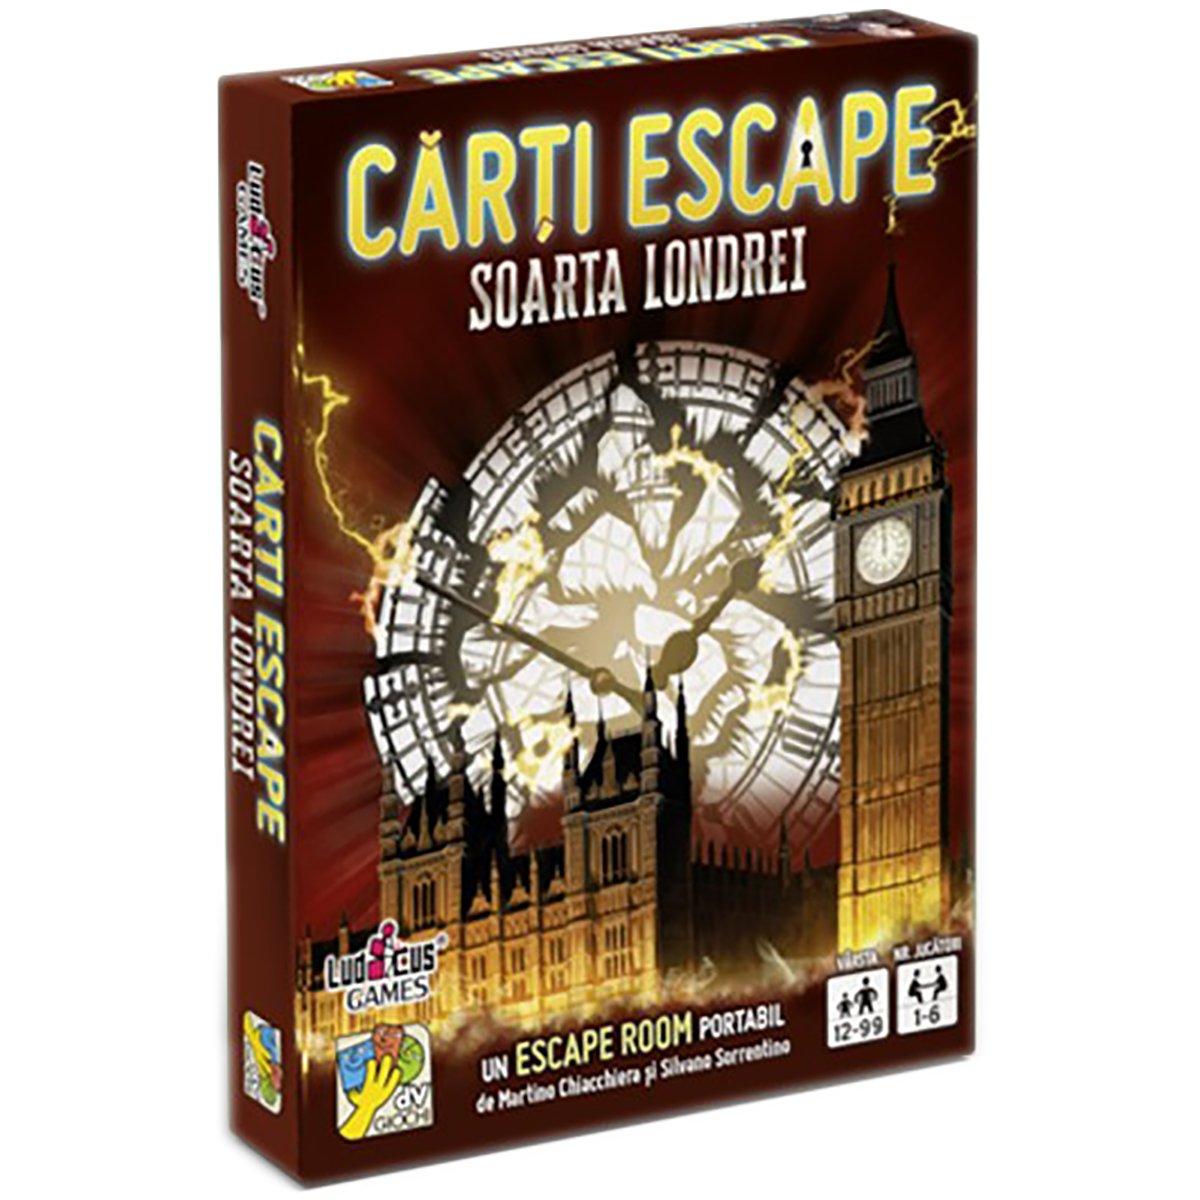 Joc de societate dv Giochi, Carti Escape Ed. II, Soarta Londrei